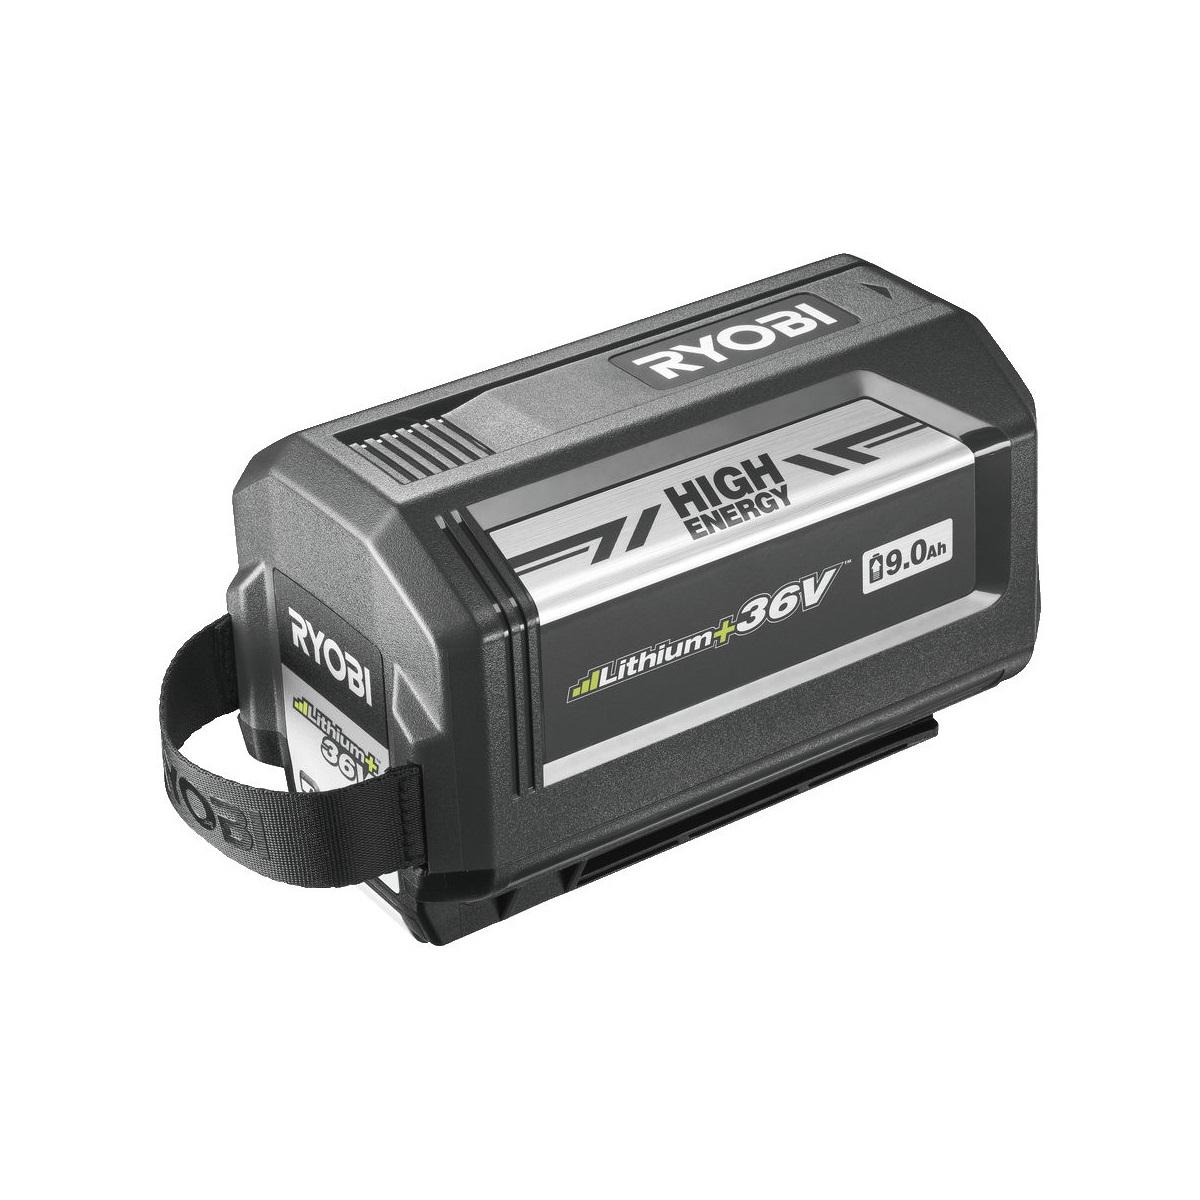 Ryobi RY36B90A36V 1x 9,0 Ah High Energy akumulátor